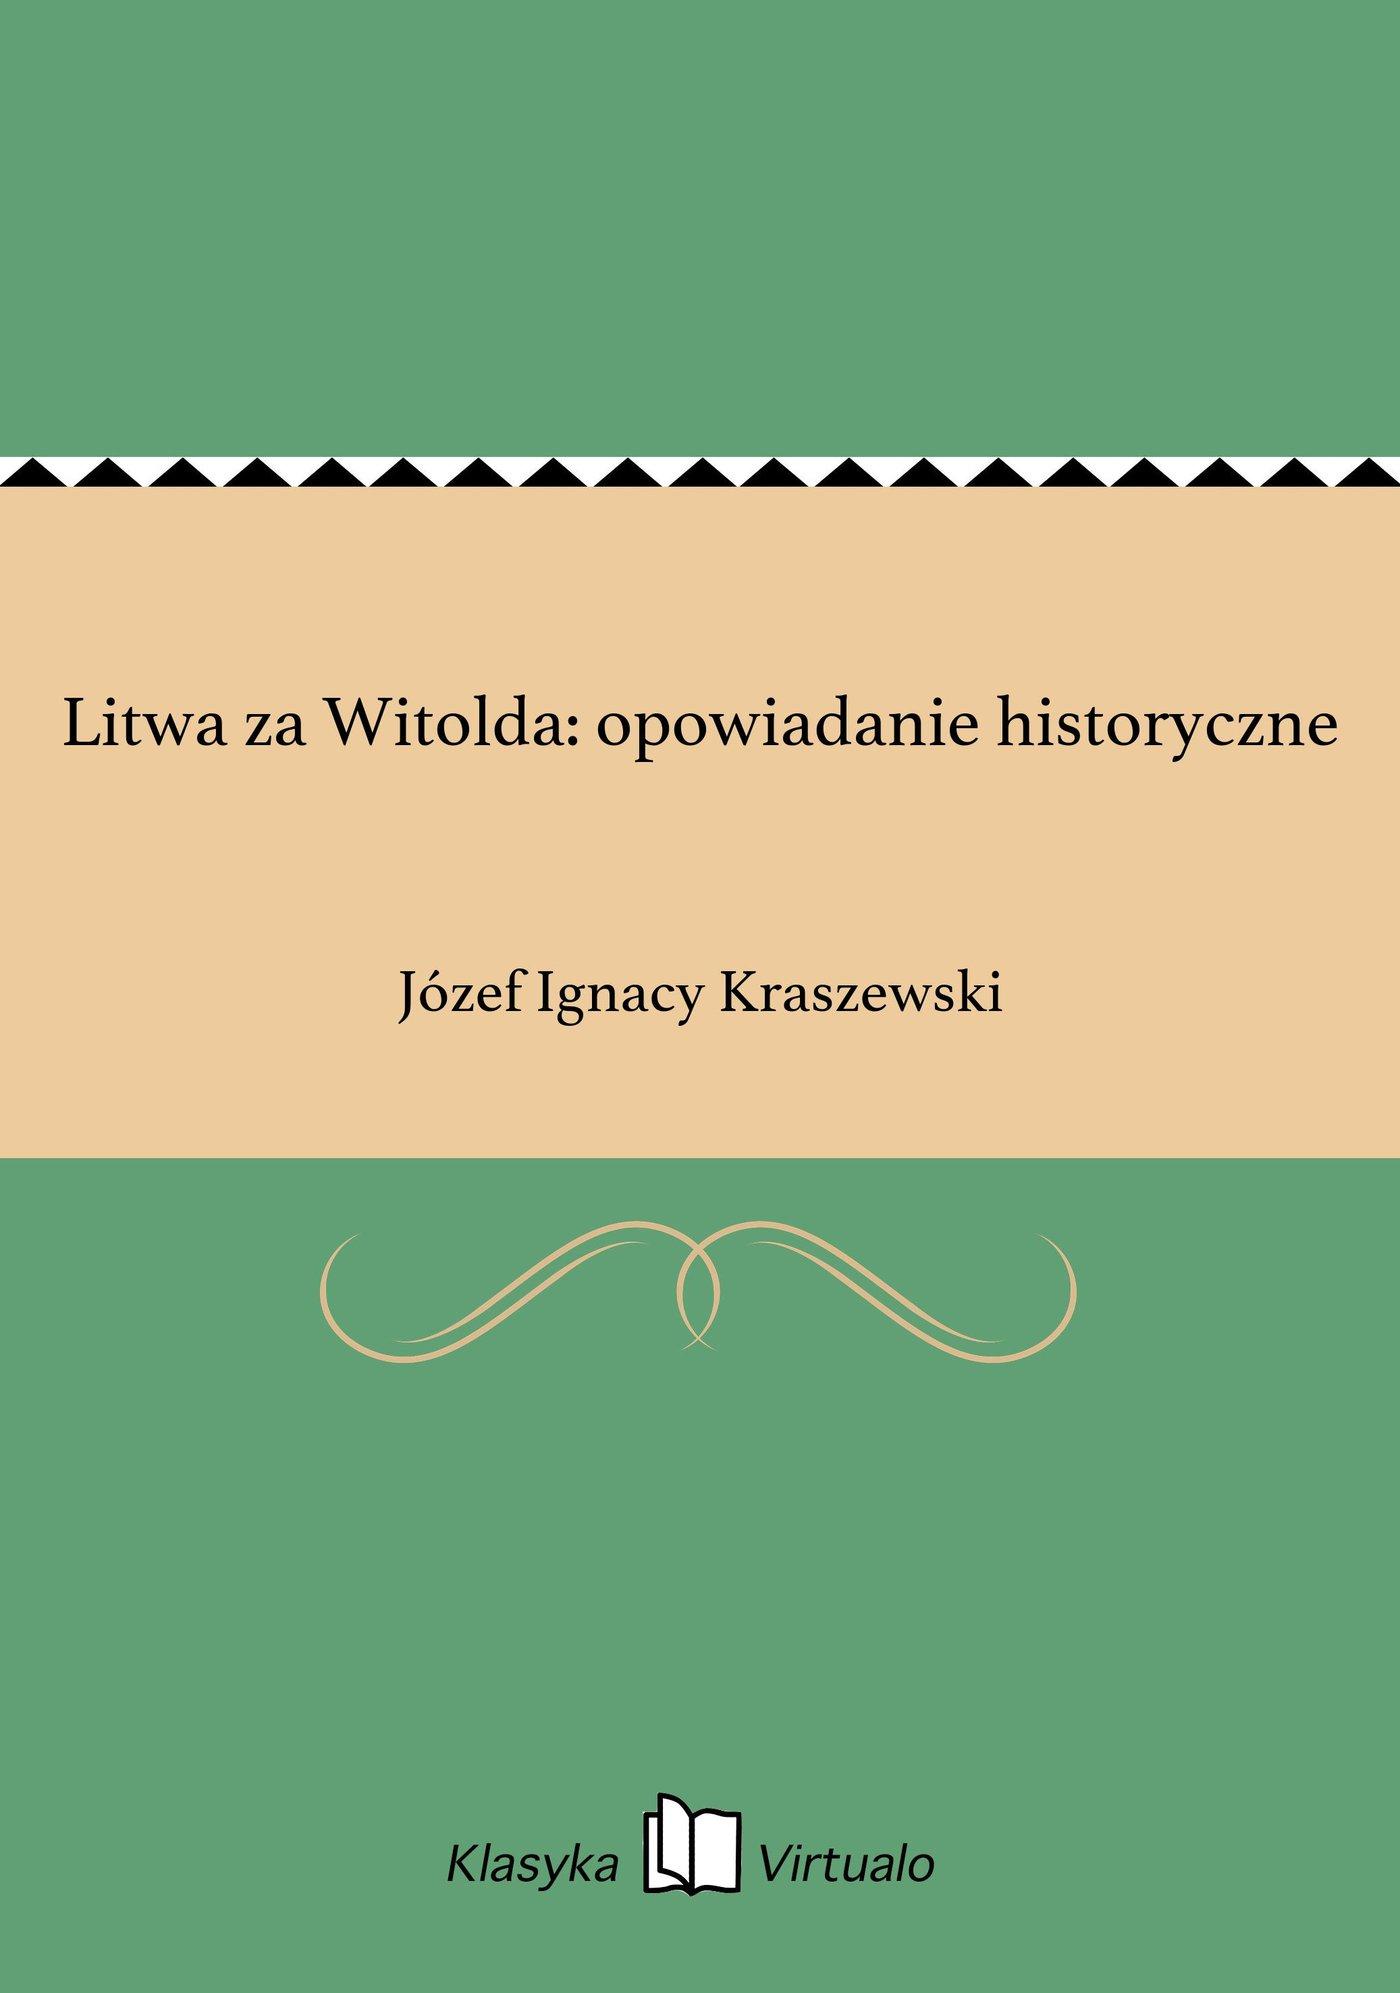 Litwa za Witolda: opowiadanie historyczne - Ebook (Książka na Kindle) do pobrania w formacie MOBI